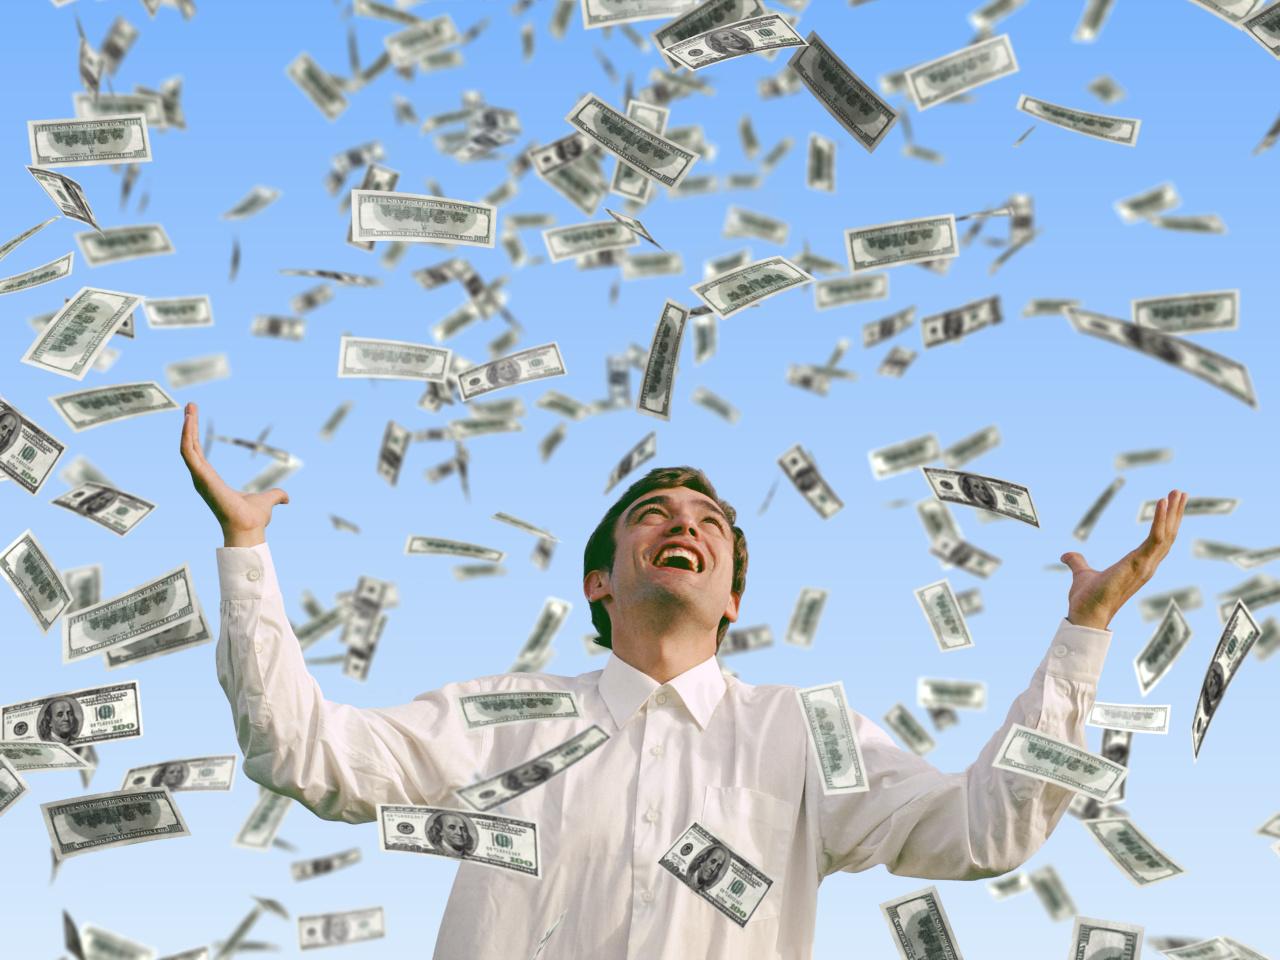 В Москве неисправный банкомат выдал безработному полмиллиона рублей